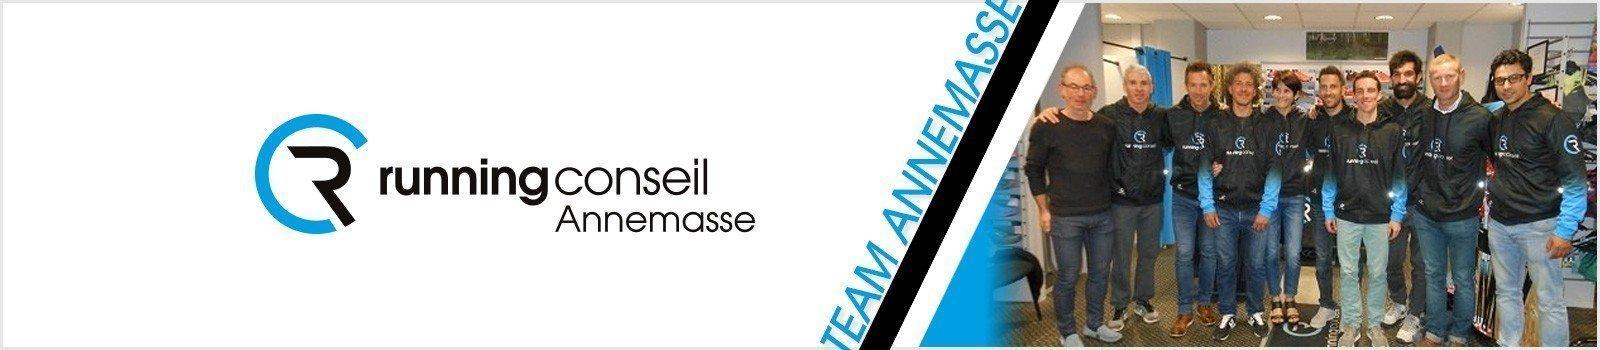 Team Running Conseil Annemasse